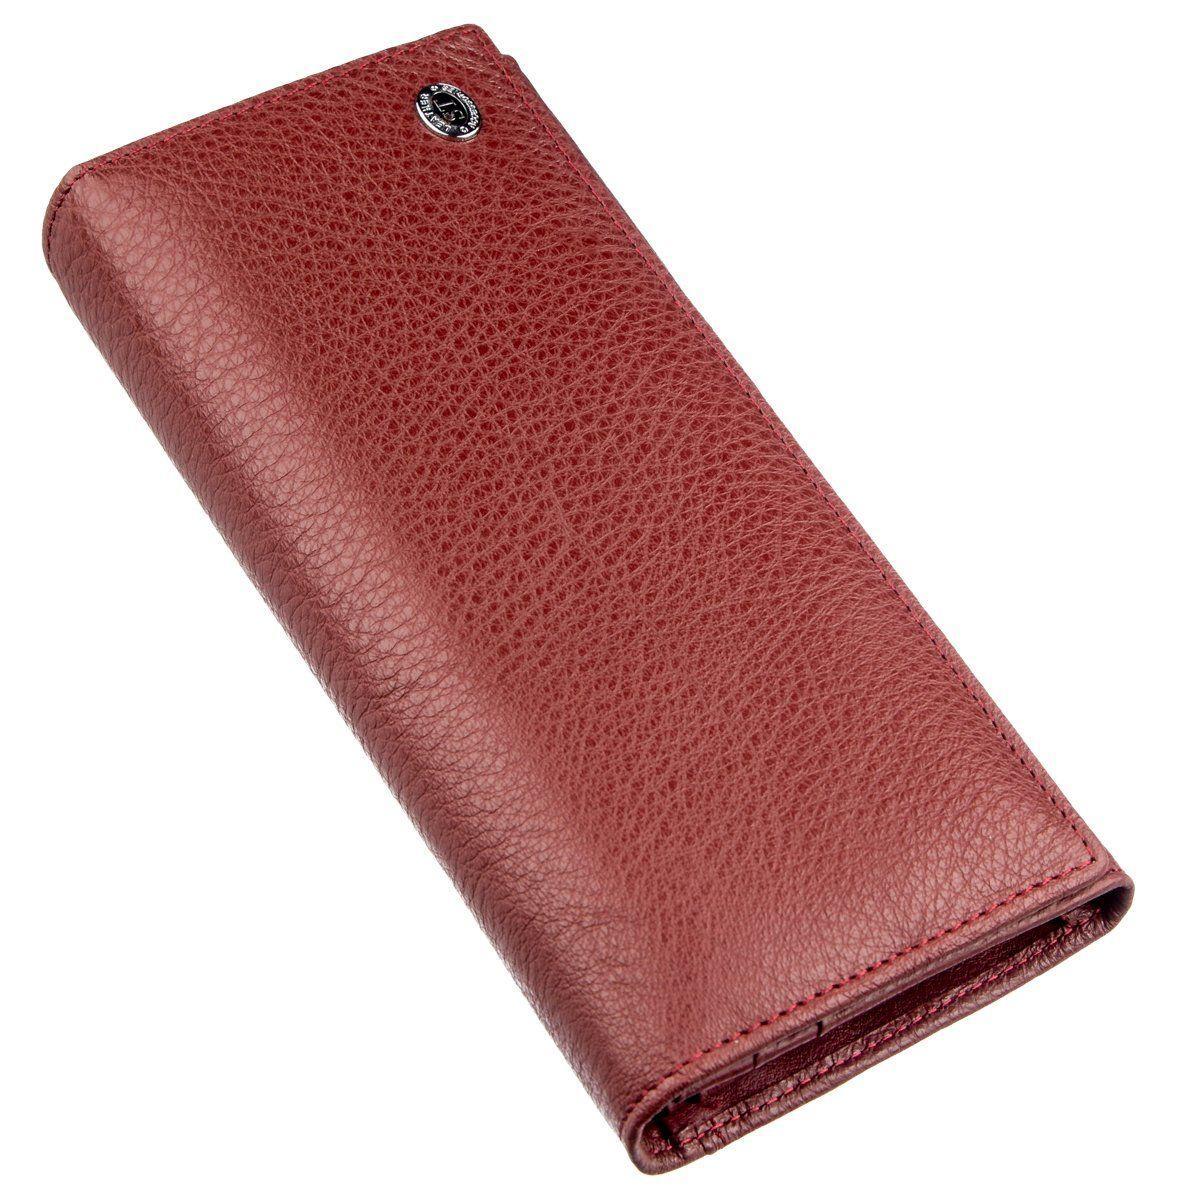 Классический женский кошелек ST Leather 18893 Бордовый, Бордовый